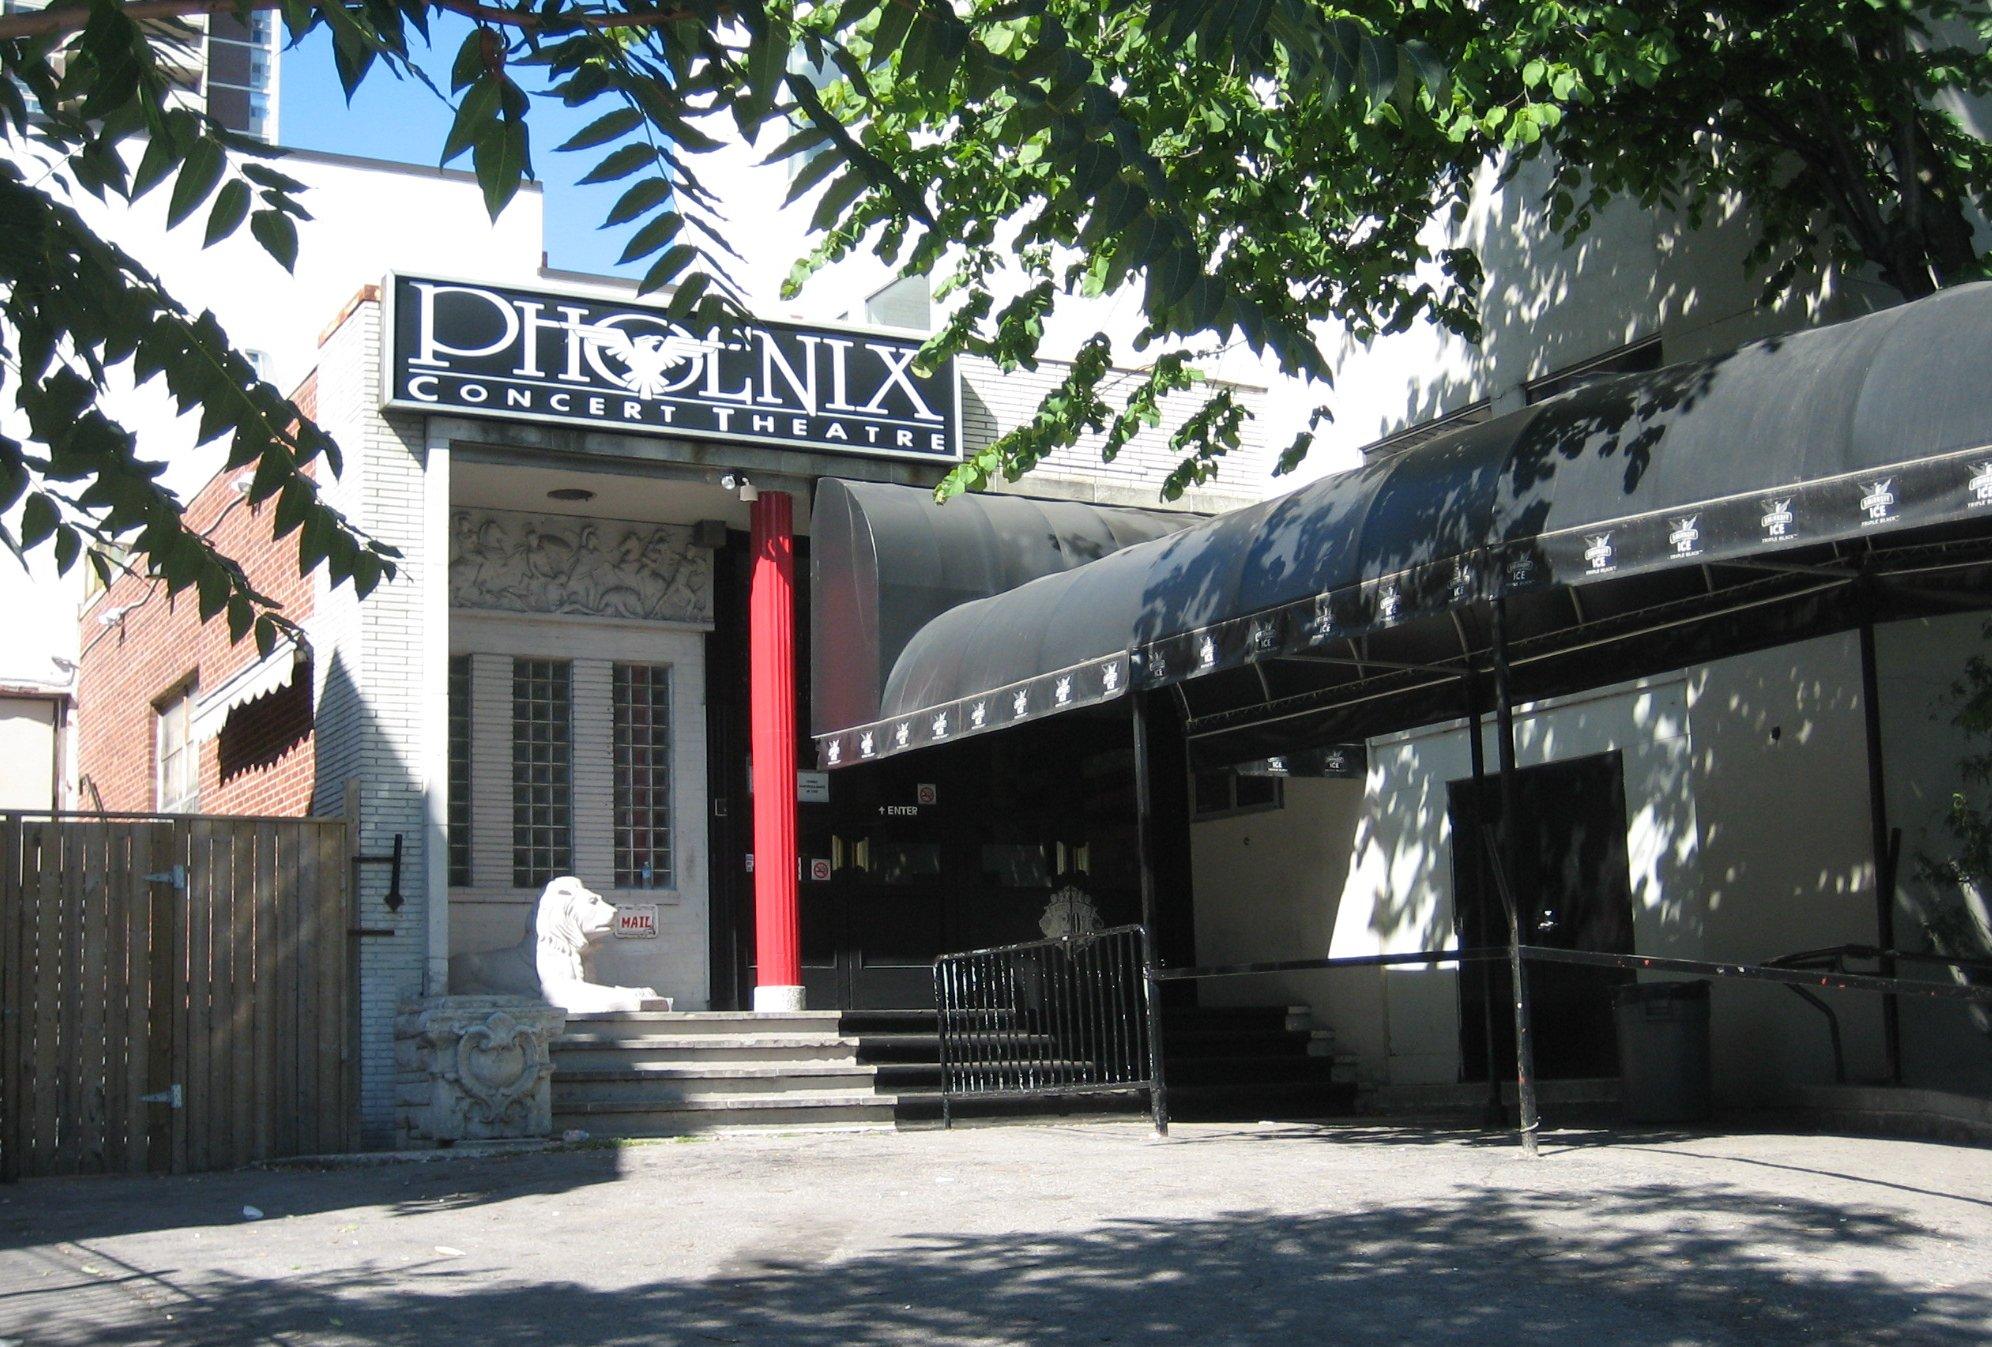 Phoenix Concert Theatre